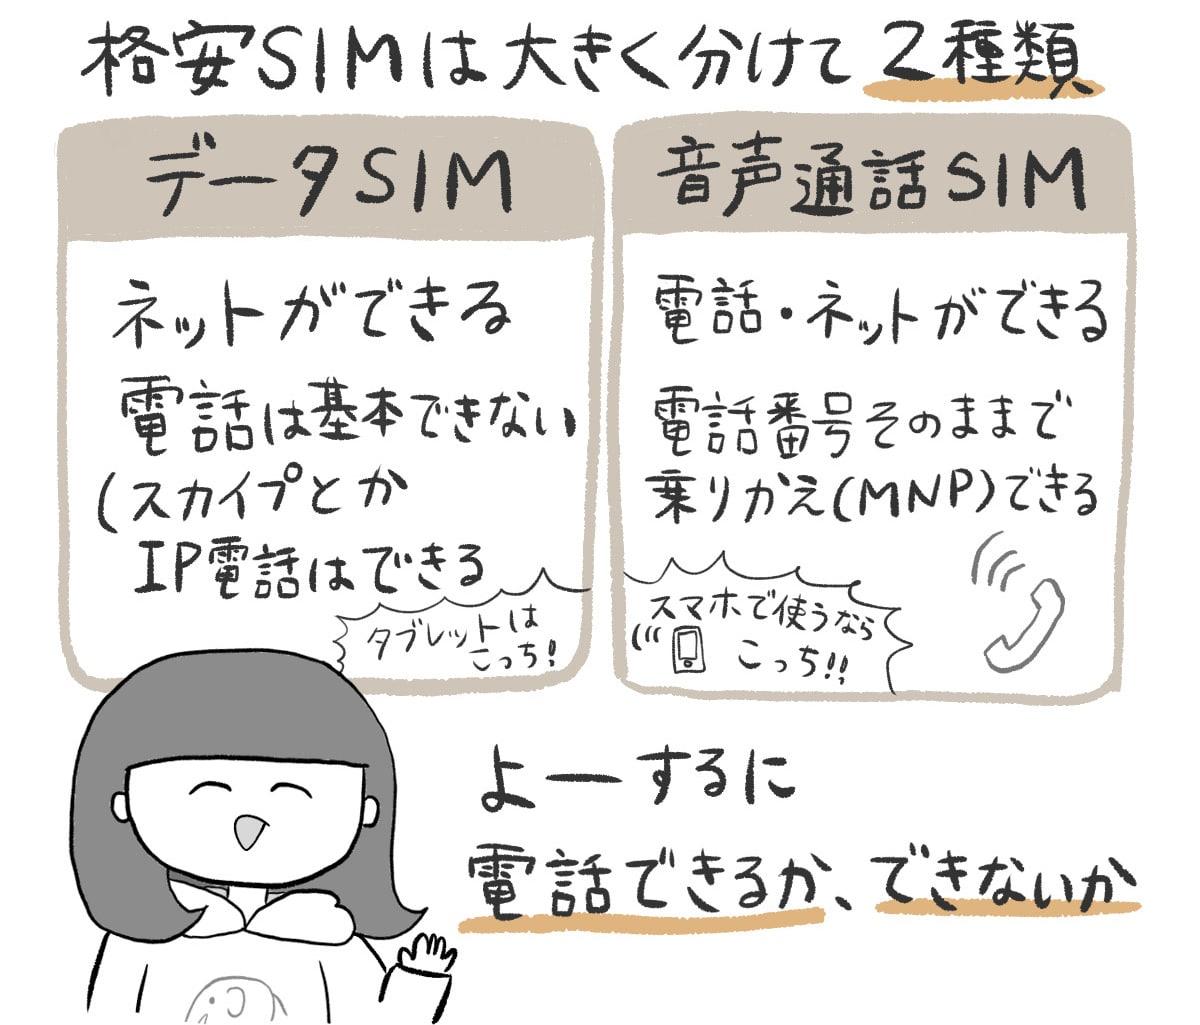 格安SIM 種類 図解